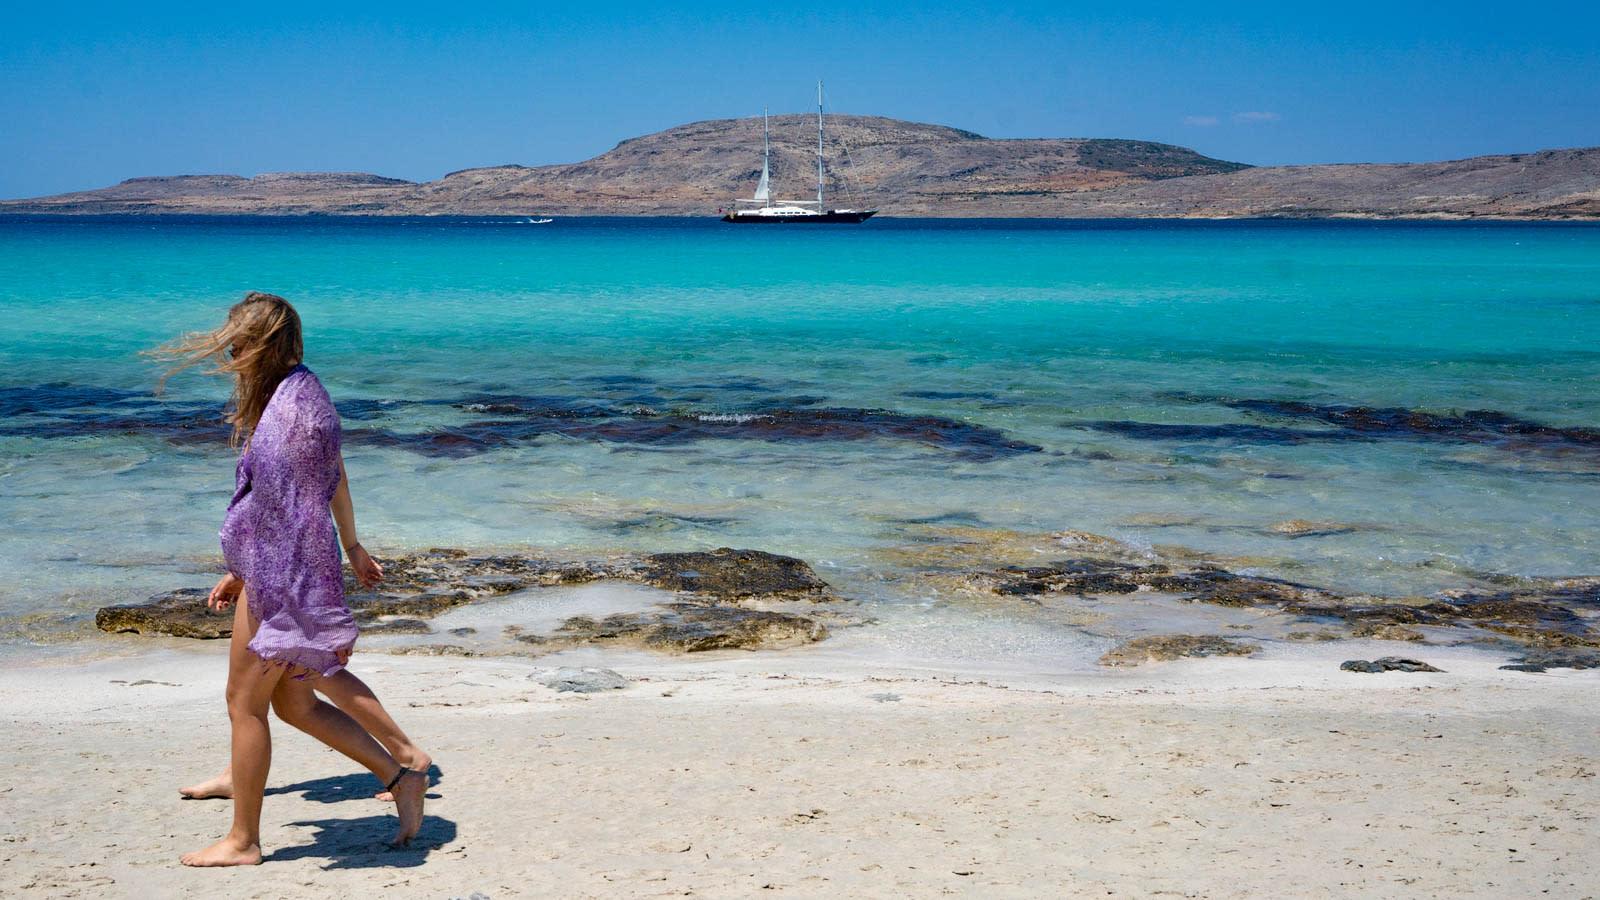 بعد أن تم تصنيفها كواحدة من أكثر الوجهات السياحية أمانًا في العالم.. اليونان تستعد لبدء موسم السياحة الصيفية